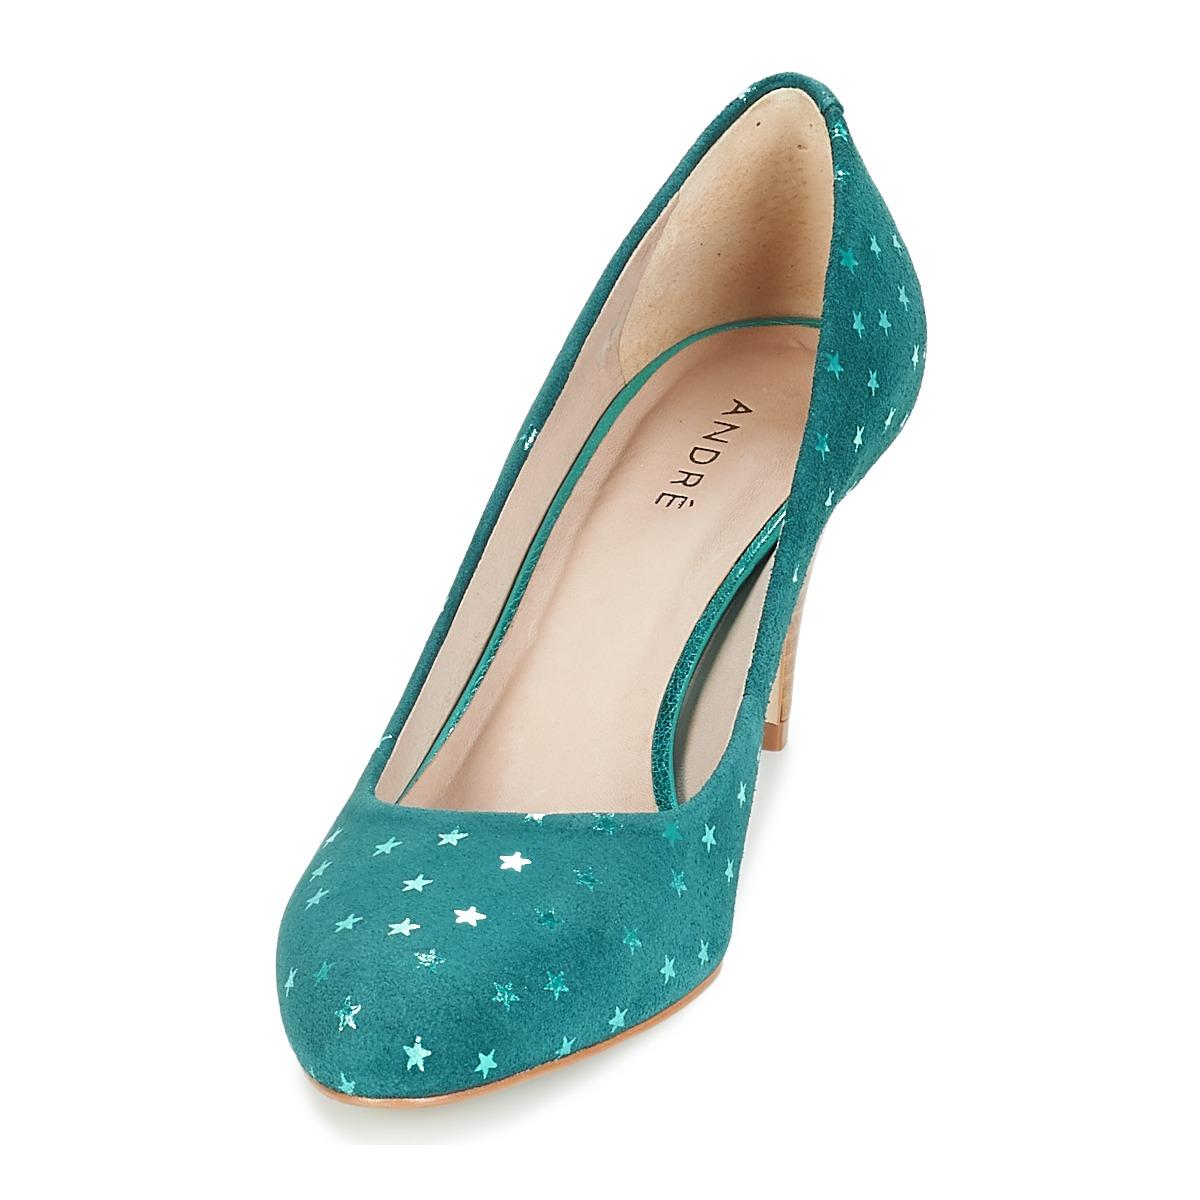 8261c081c8 Femme € TurquoiseLivraison 20 Escarpins André Gratuite 71 Chaussures Betsy  wPXkn08O